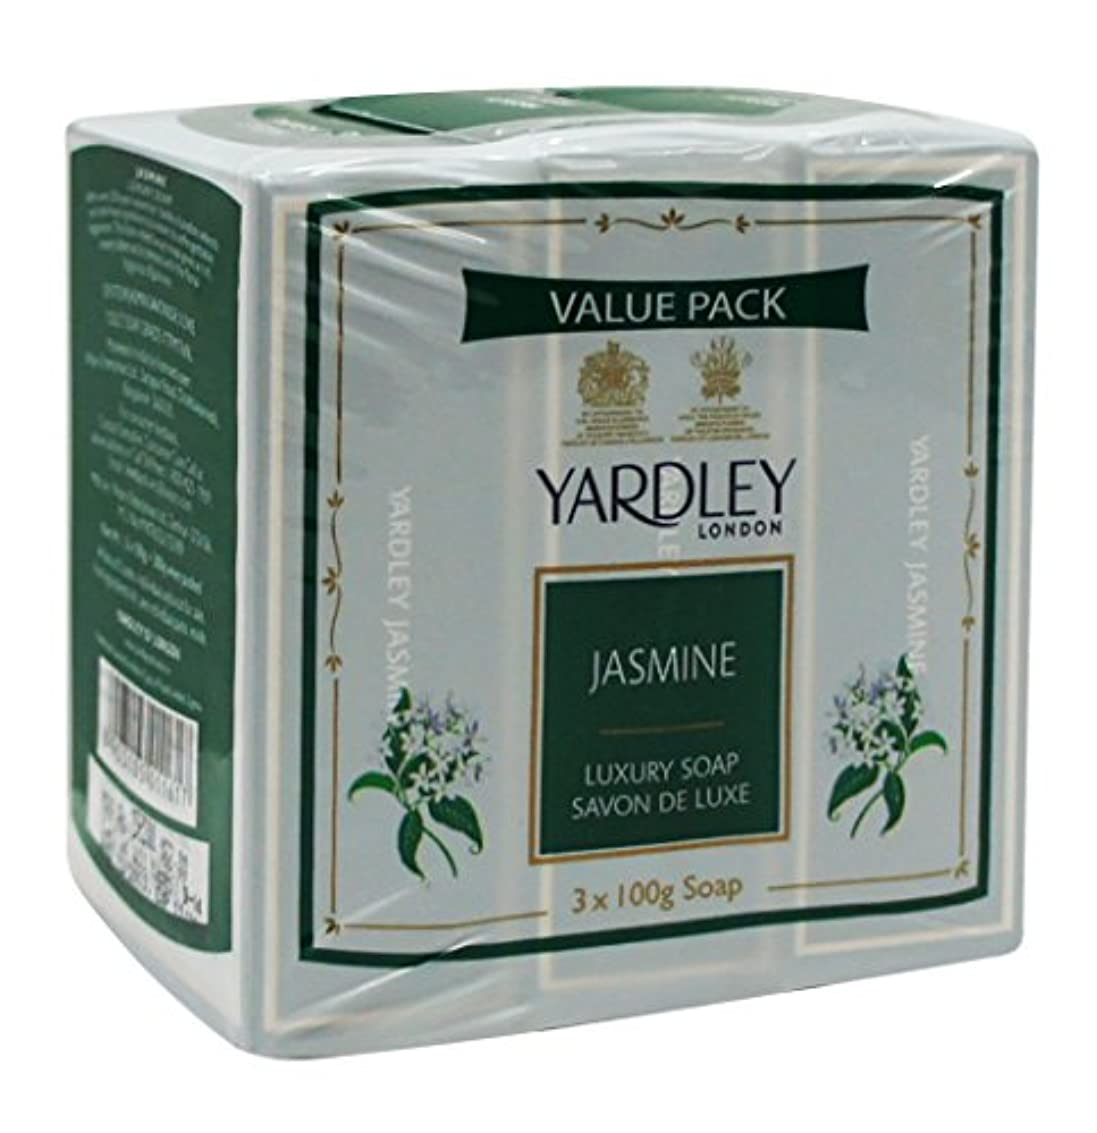 秘密の機動有害Yardley London Value Pack Luxury Soap 3x100g Jasmine by Yardley